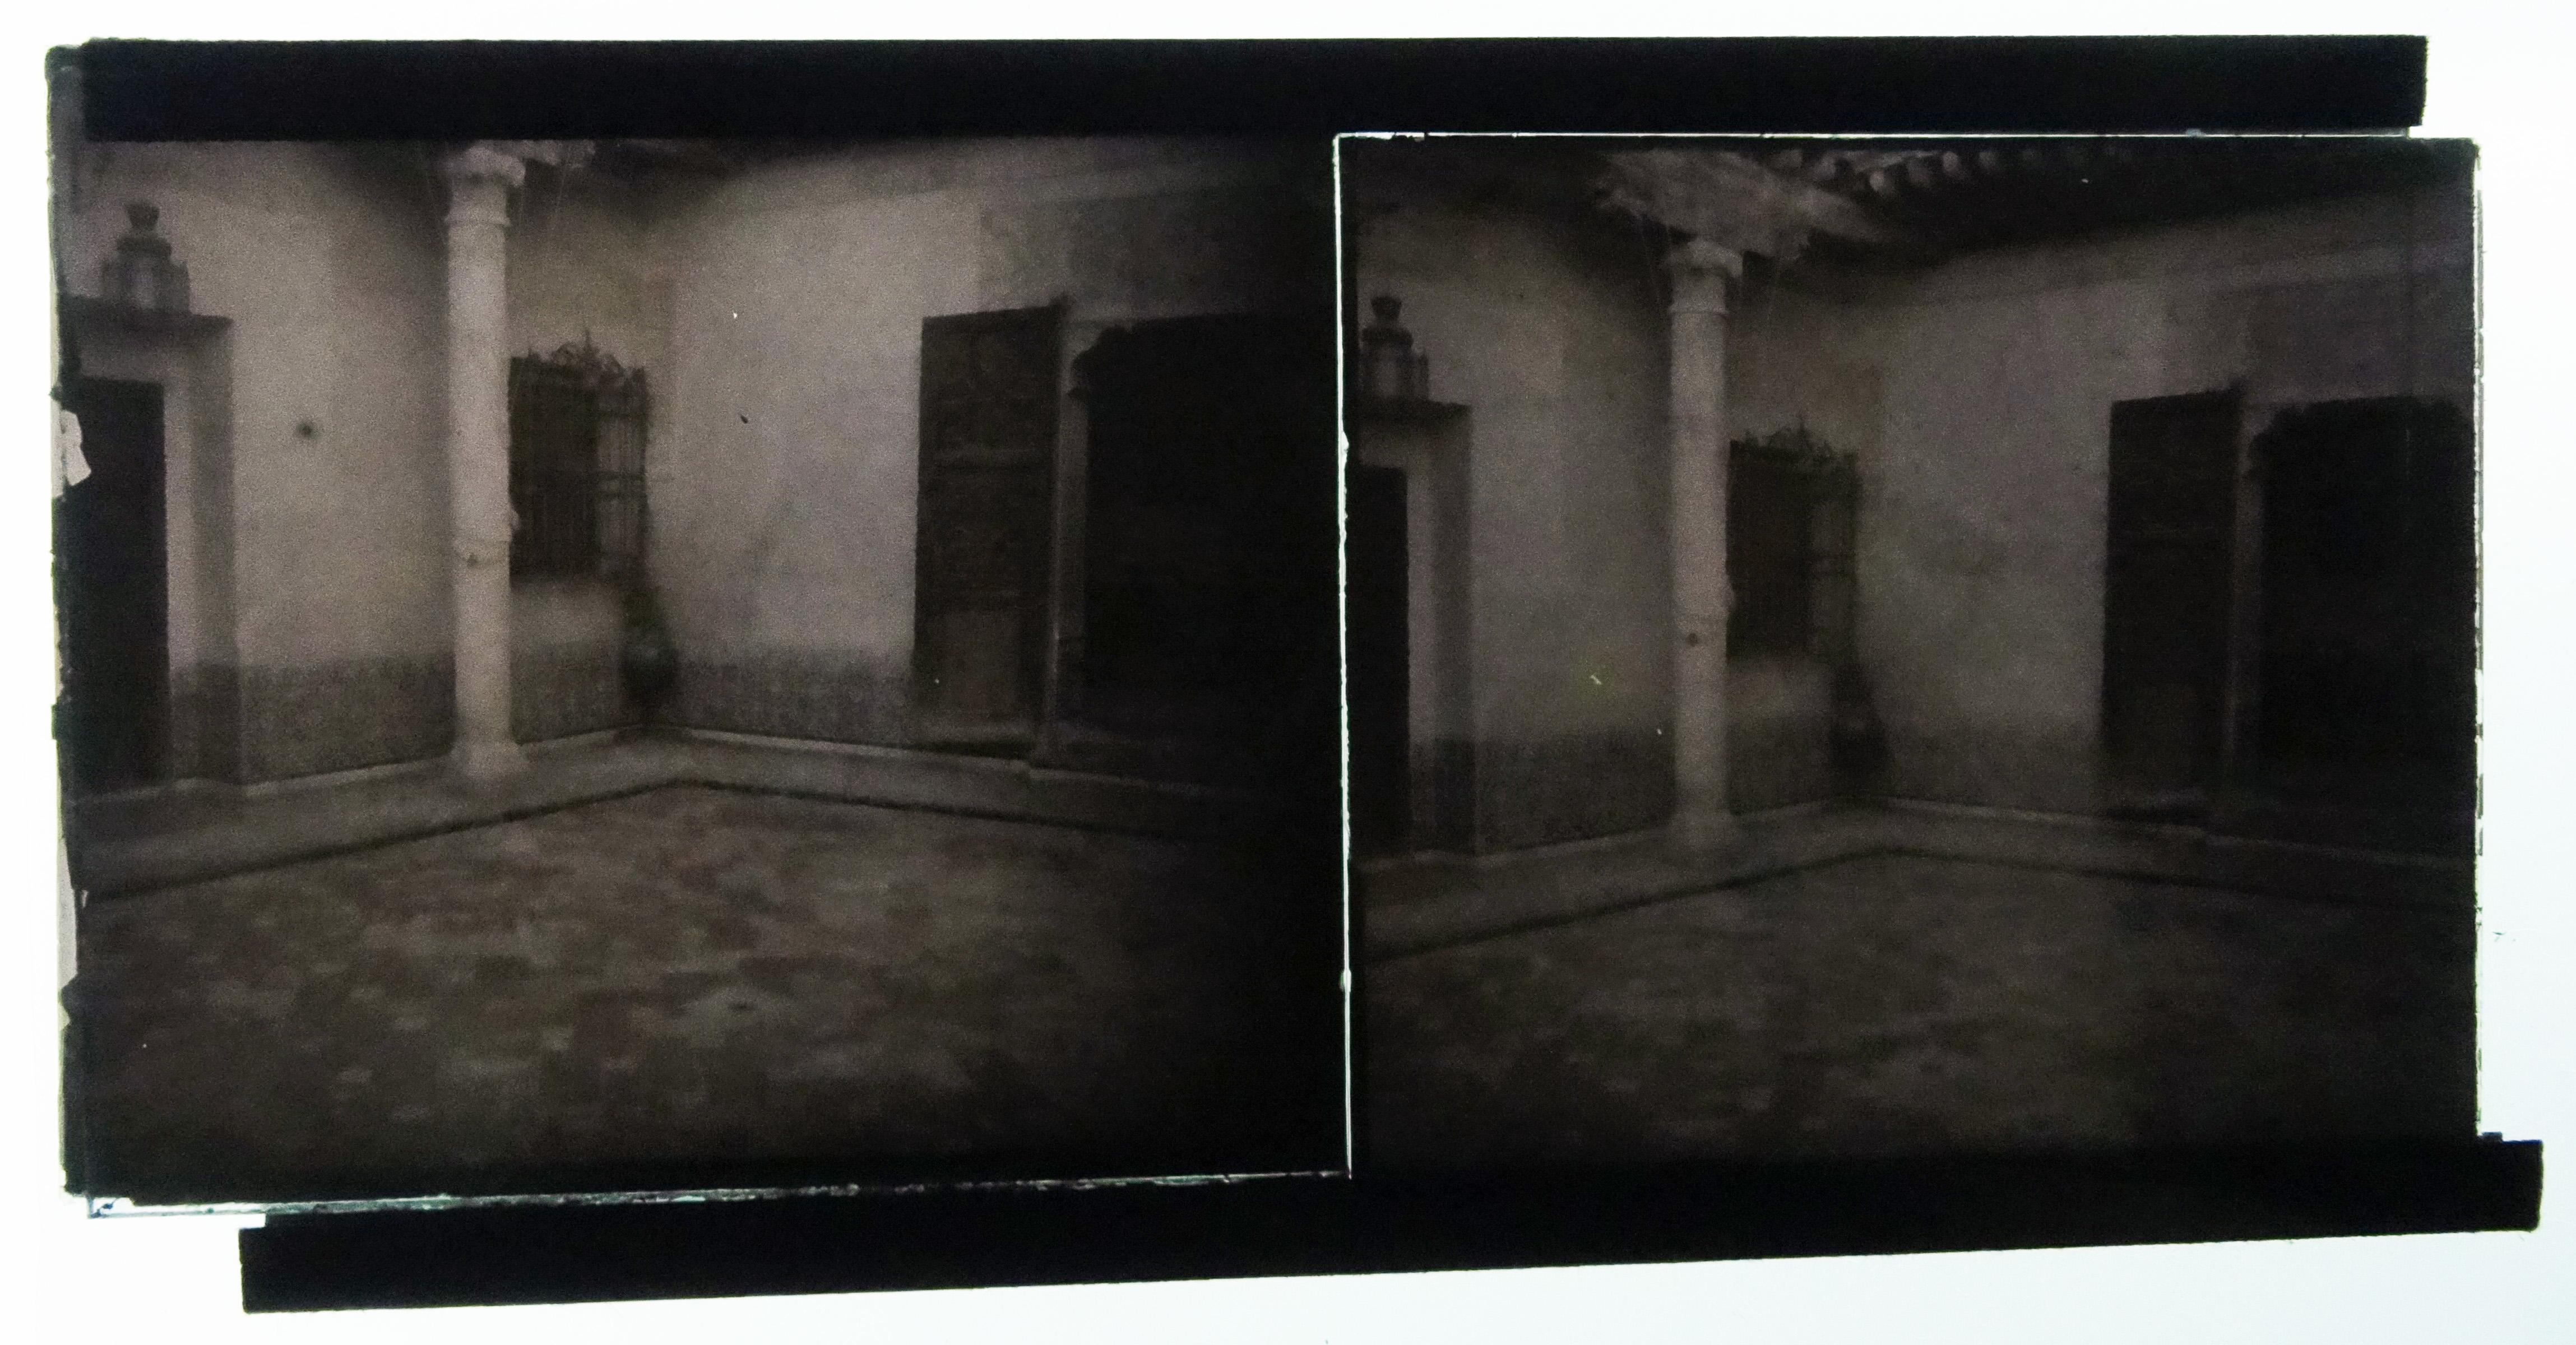 Autocromo de la Casa del Greco.Fotografía de Francisco Rodríguez Avial hacia 1910 © Herederos de Francisco Rodríguez Avial